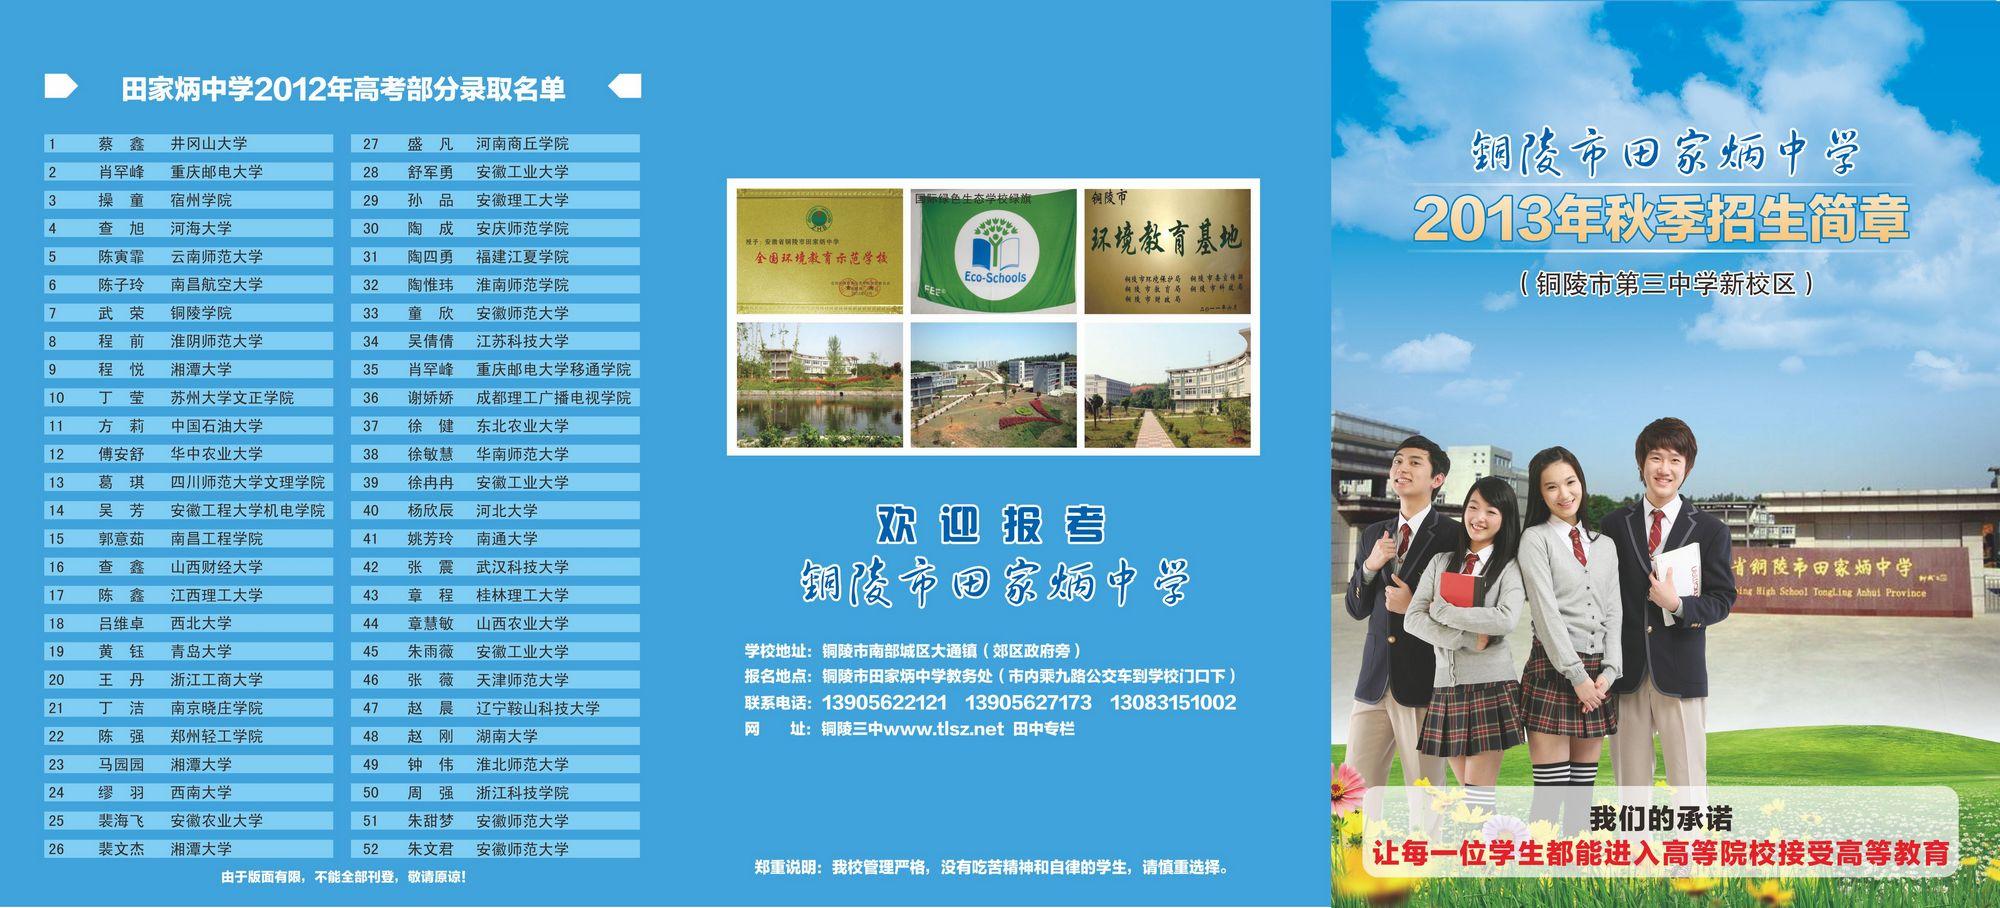 铜陵市第三中学 田家炳中学2013年秋季招生简章